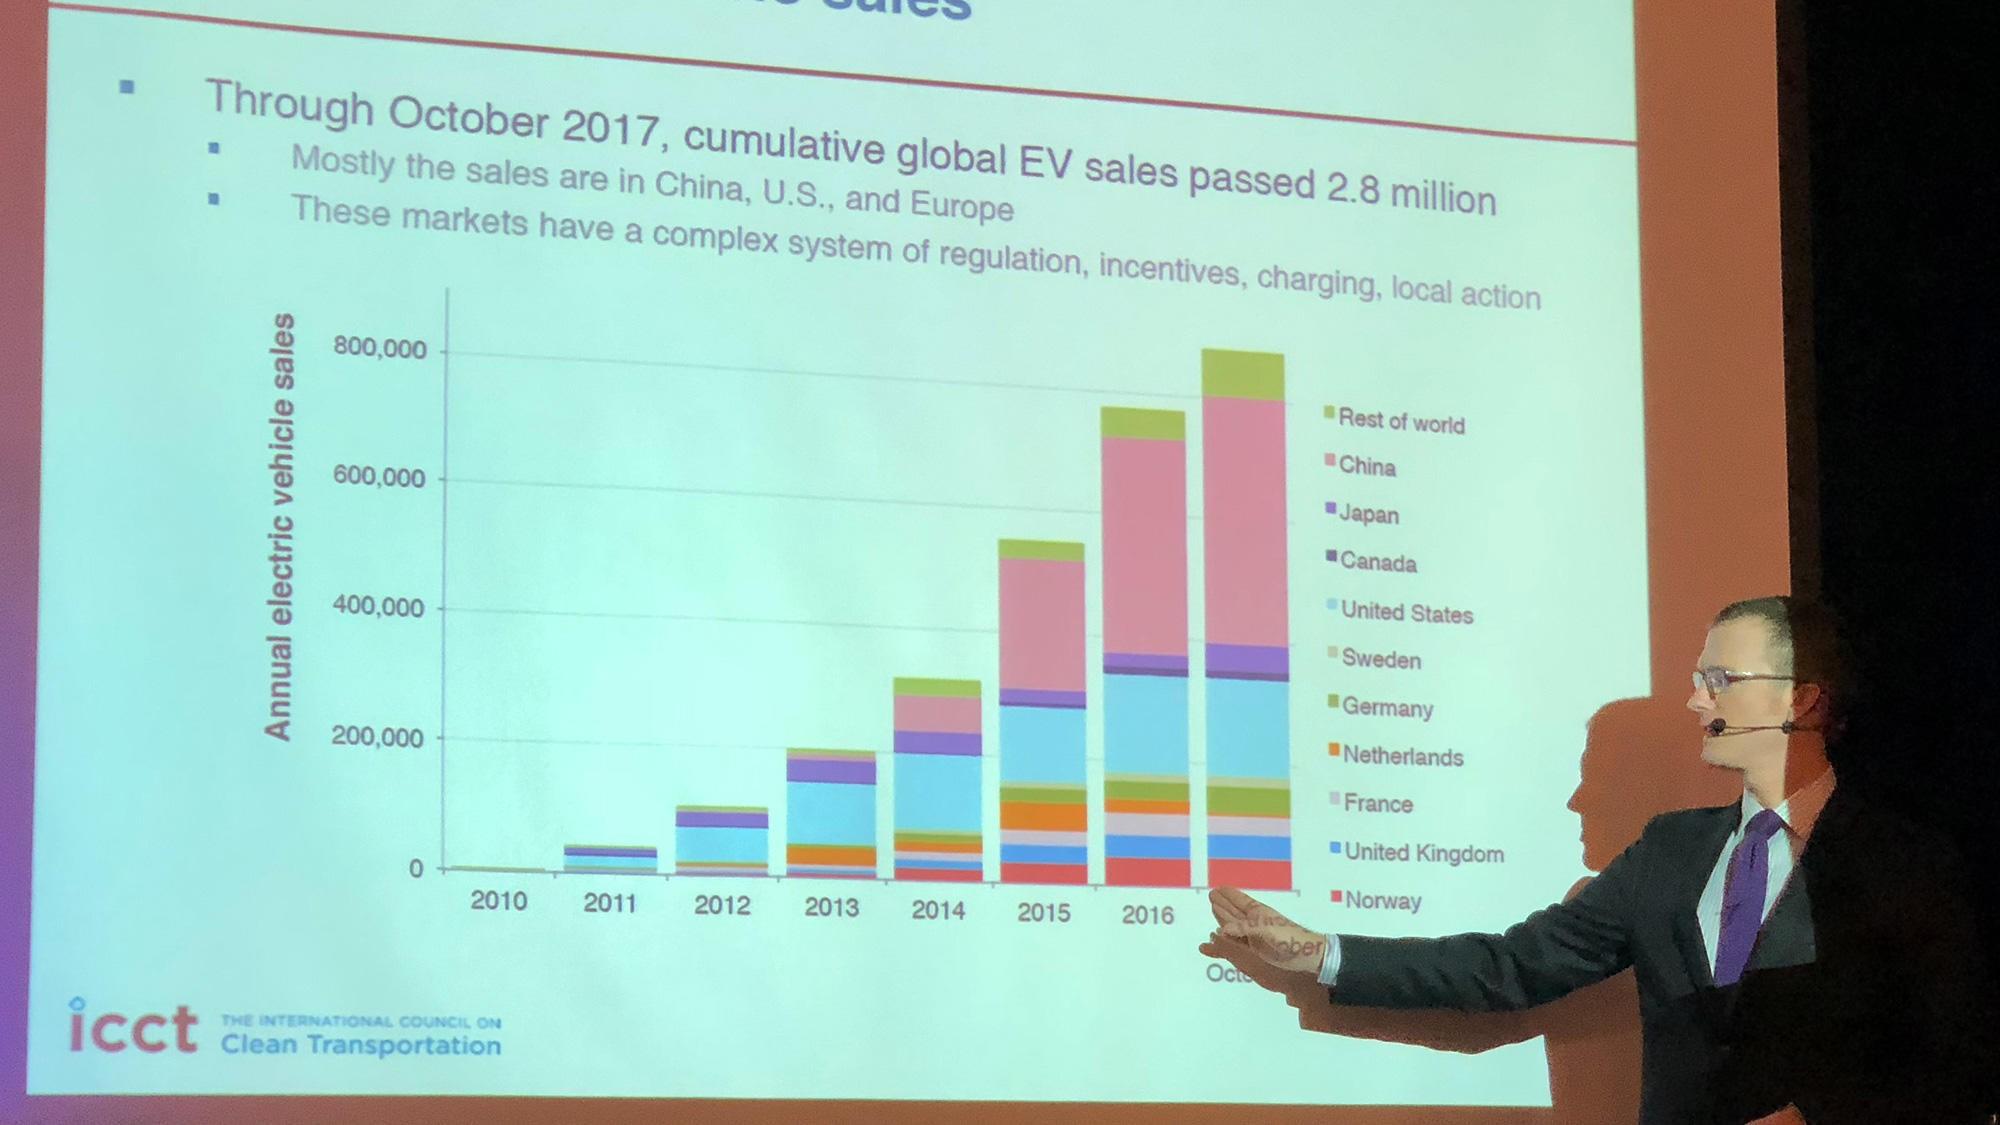 Nic Lutsey viser frem verdens salg av elbiler de siste årene. Norge er stor sammenlignet med folketall, men bare en dråpe i havet hvis man ser på det totale elbilmarkedet.